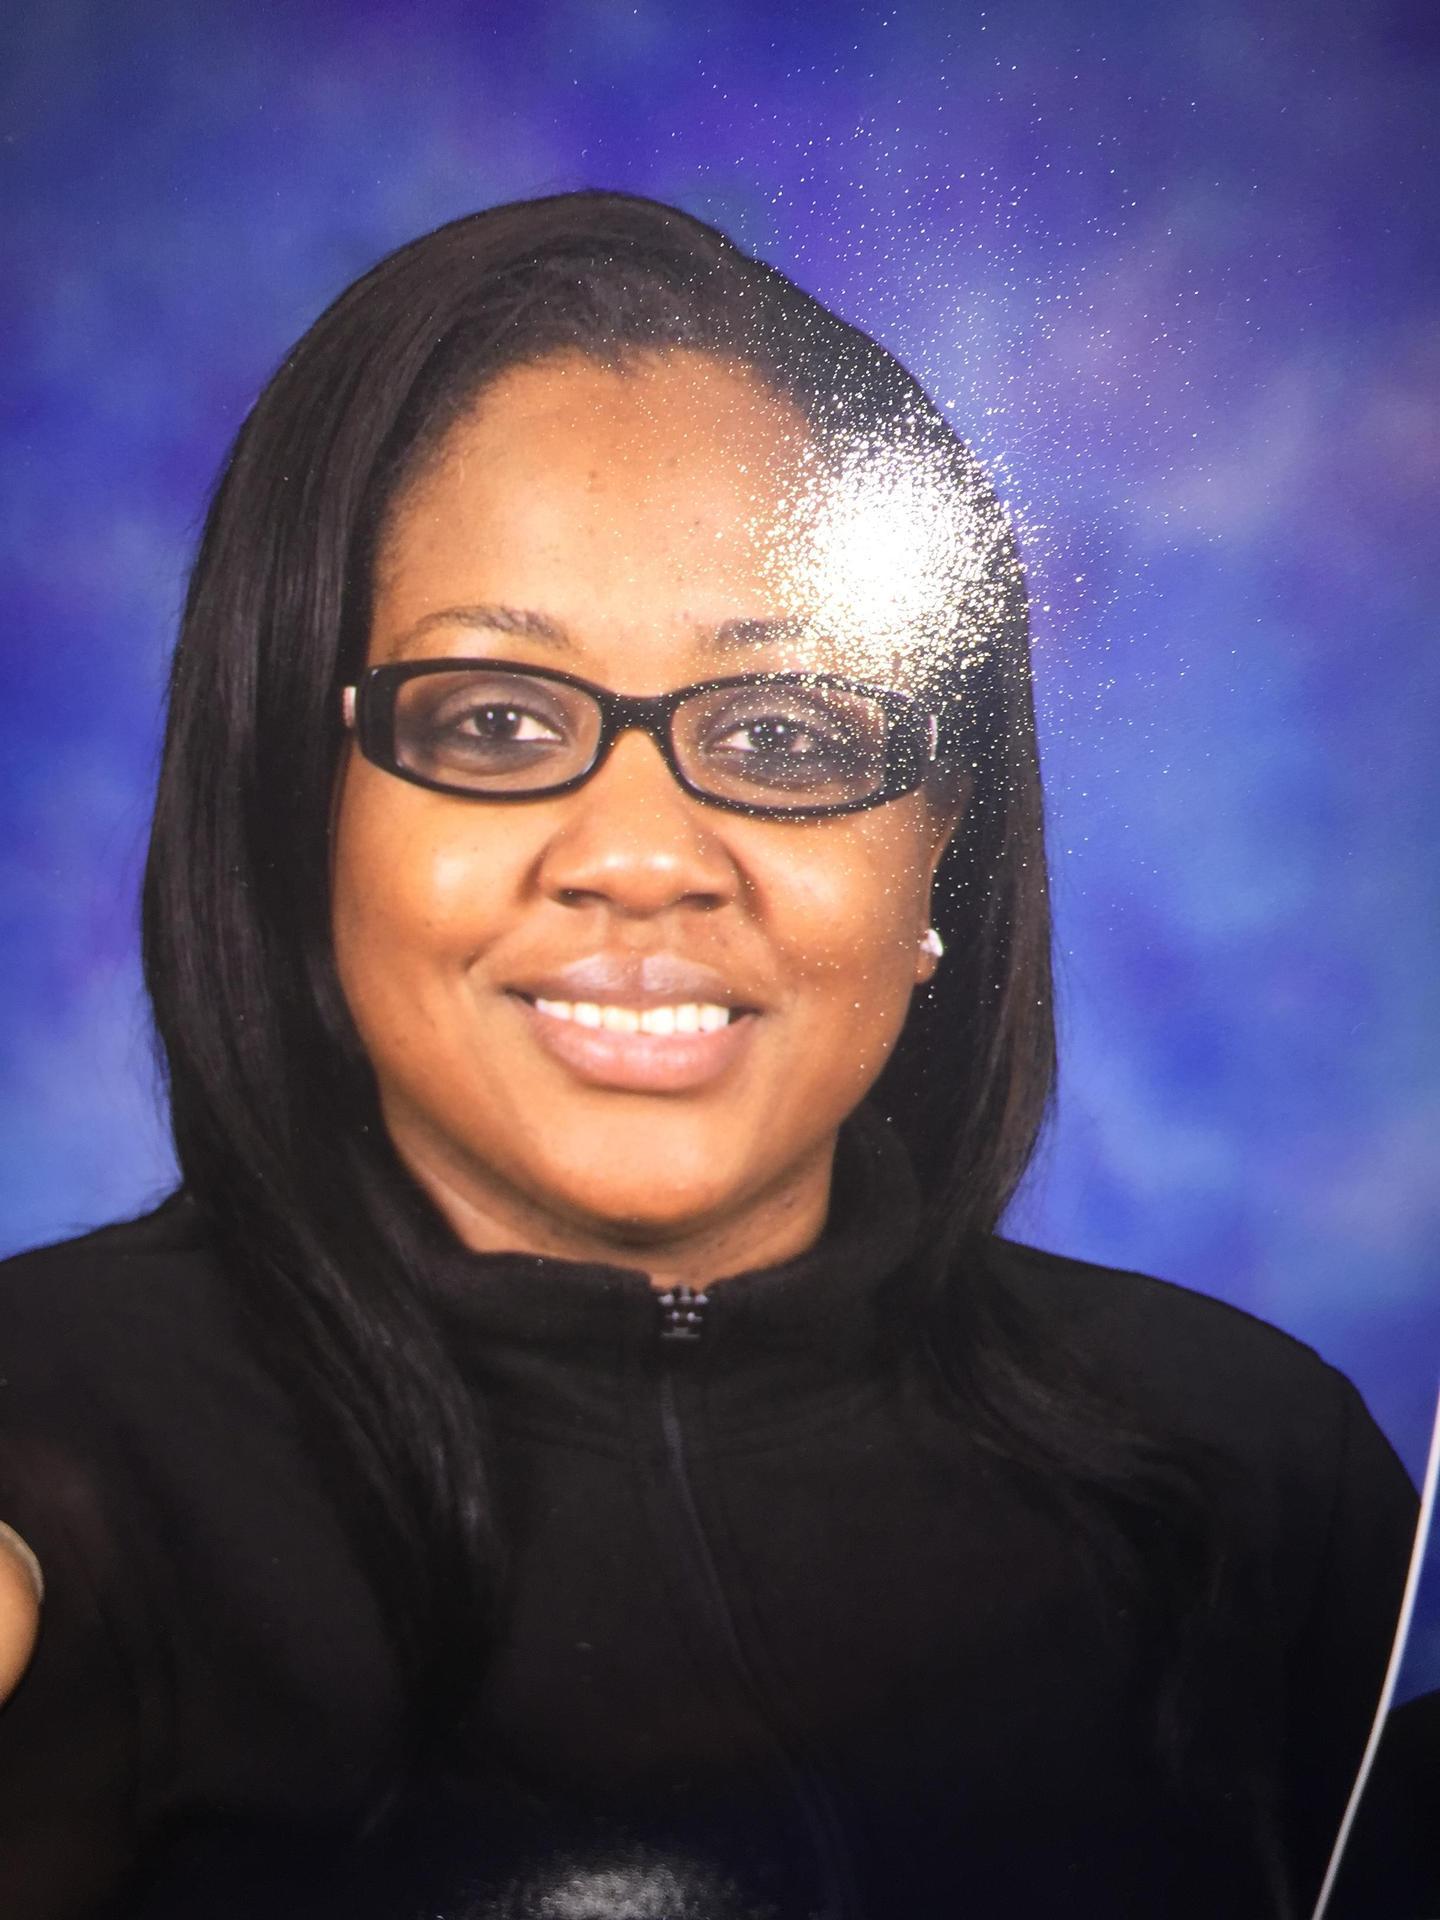 Ms. Lyles